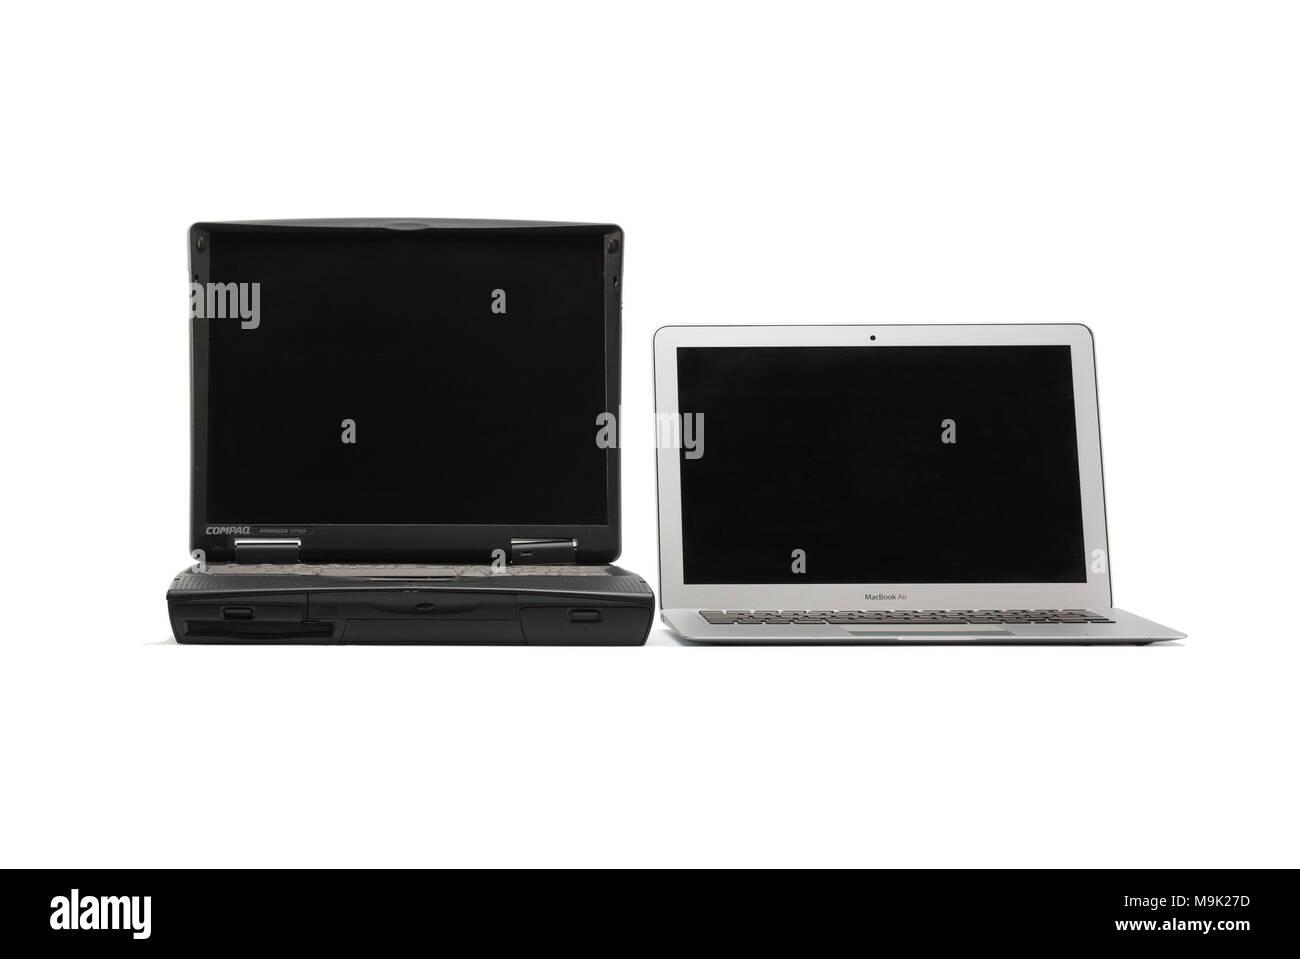 5 Republic June Brnenec Republique Tcheque 2016 Comparaison Dordinateurs Portables De Nouveau Apple MacBook Air 13 Pouces2015 Et Lancien Ordinateur